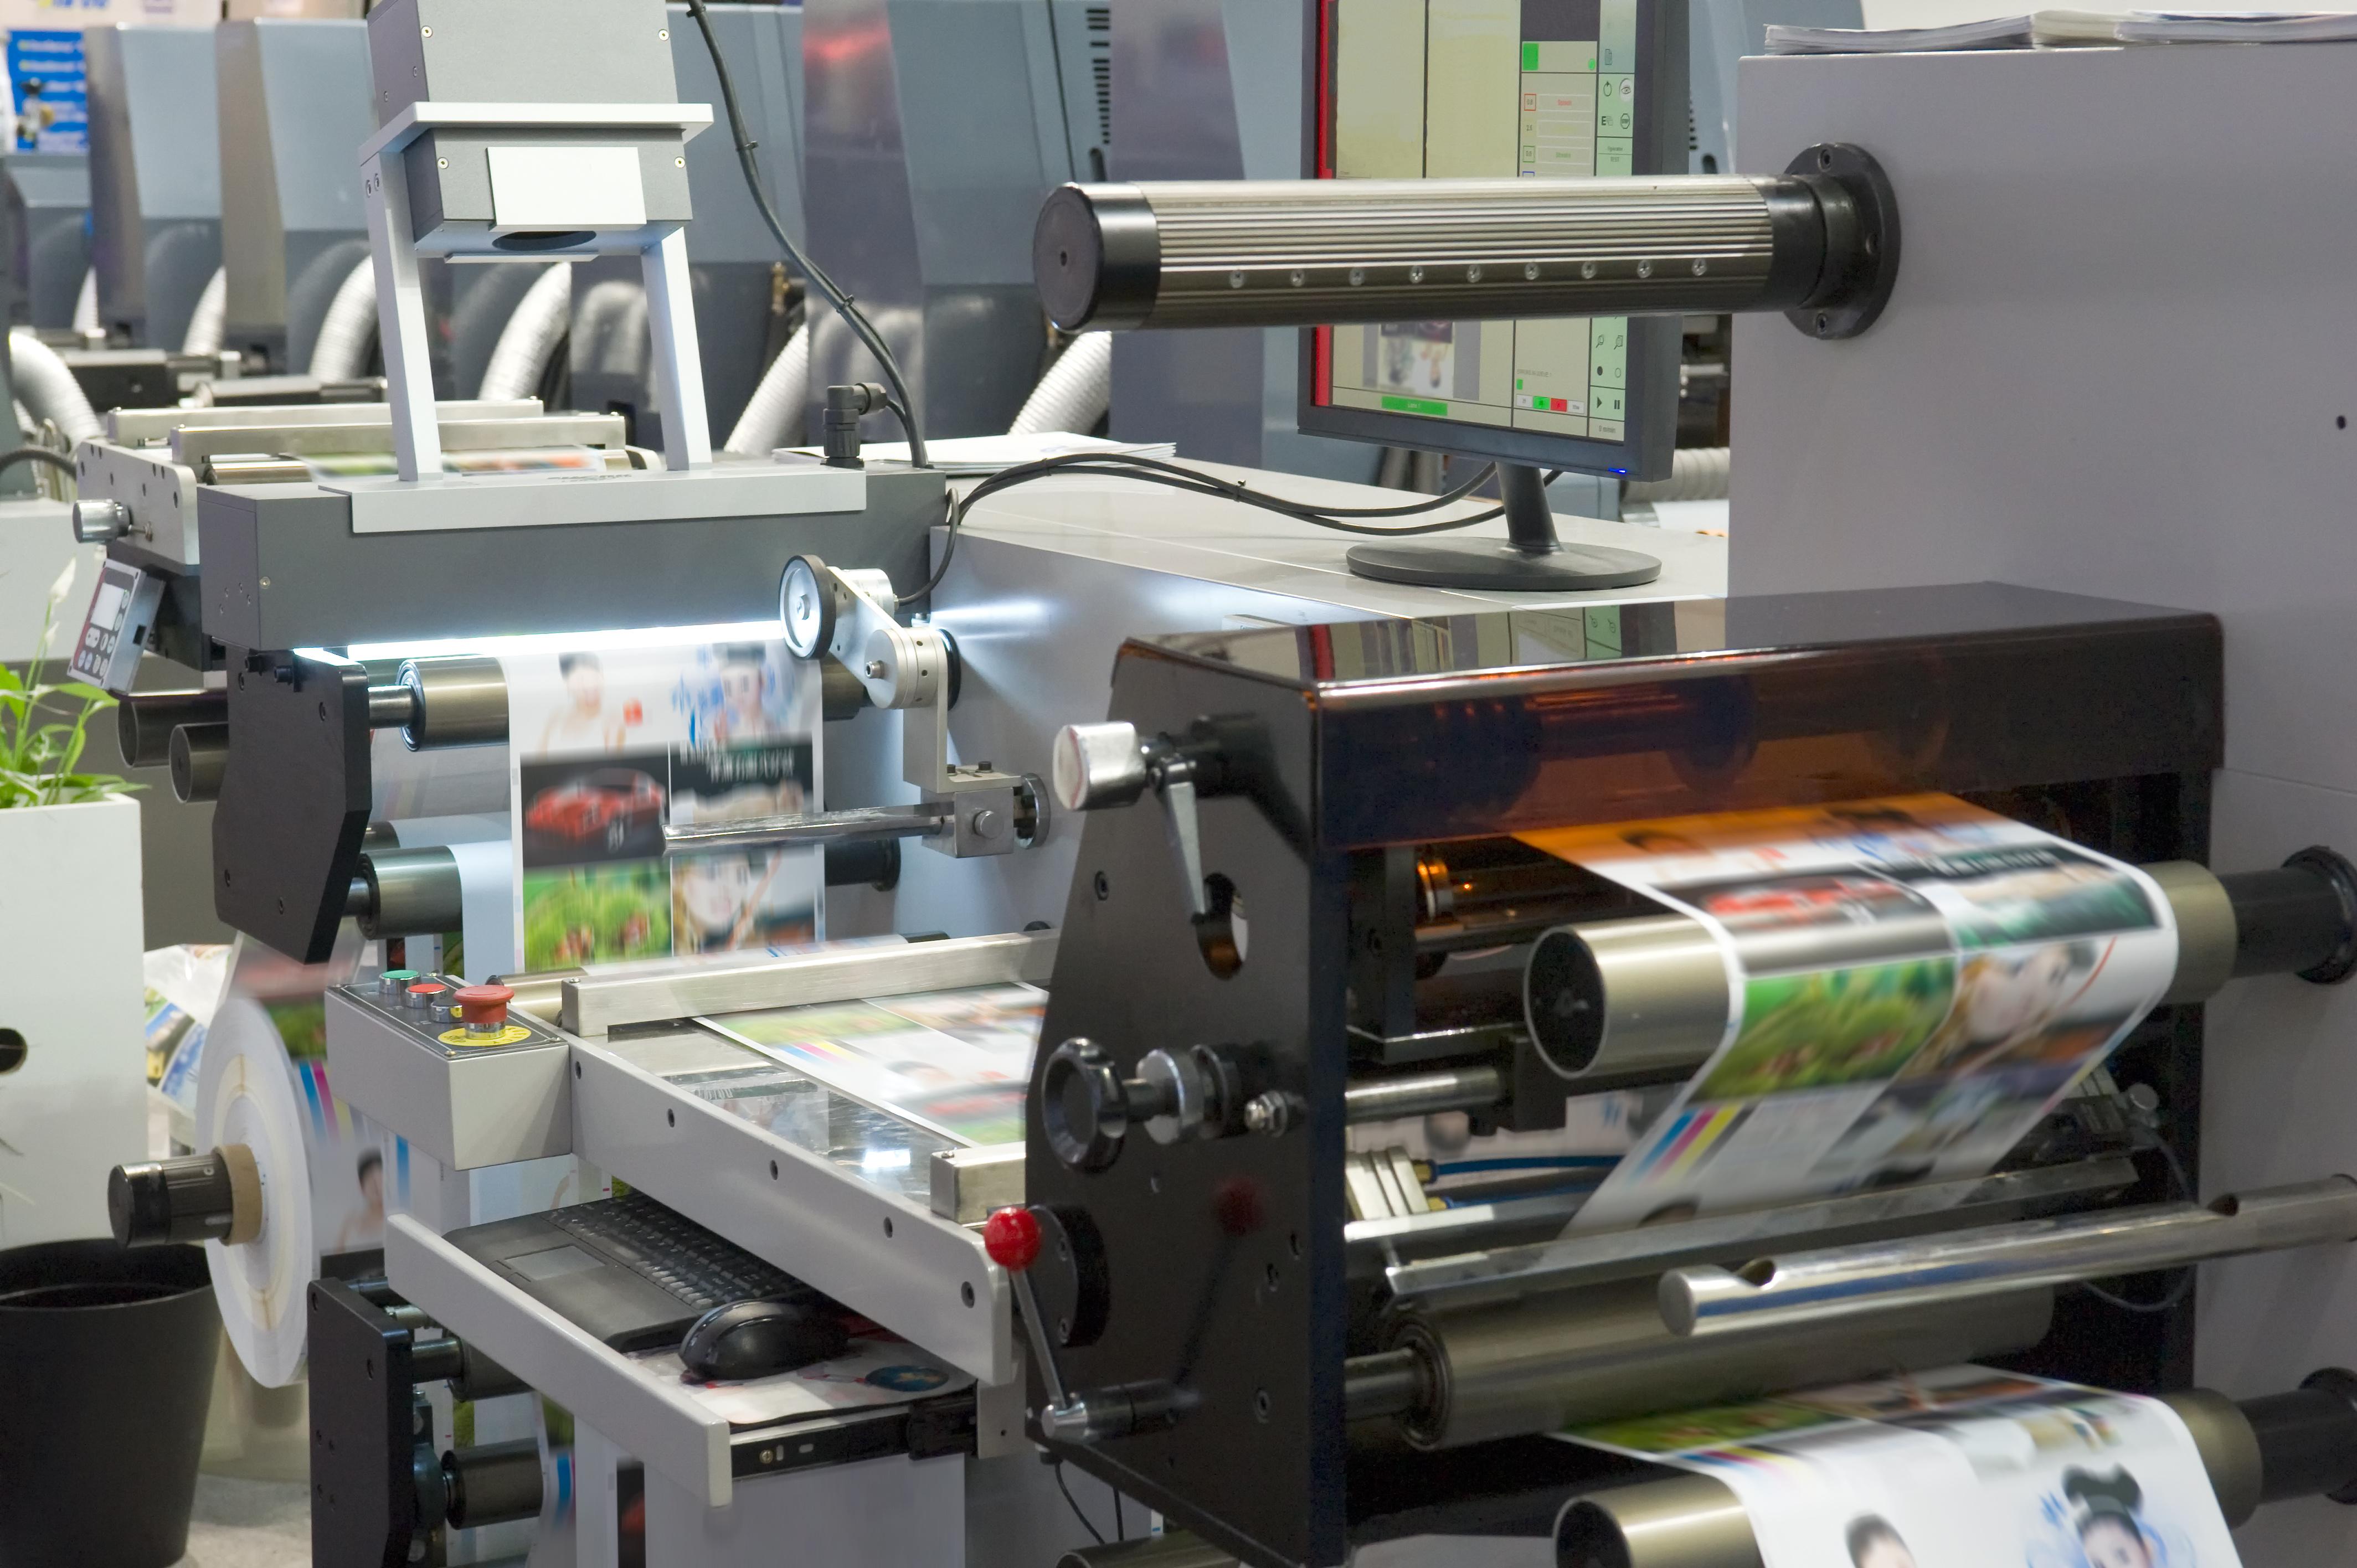 AdobeStock 45600880 - Imprimerie